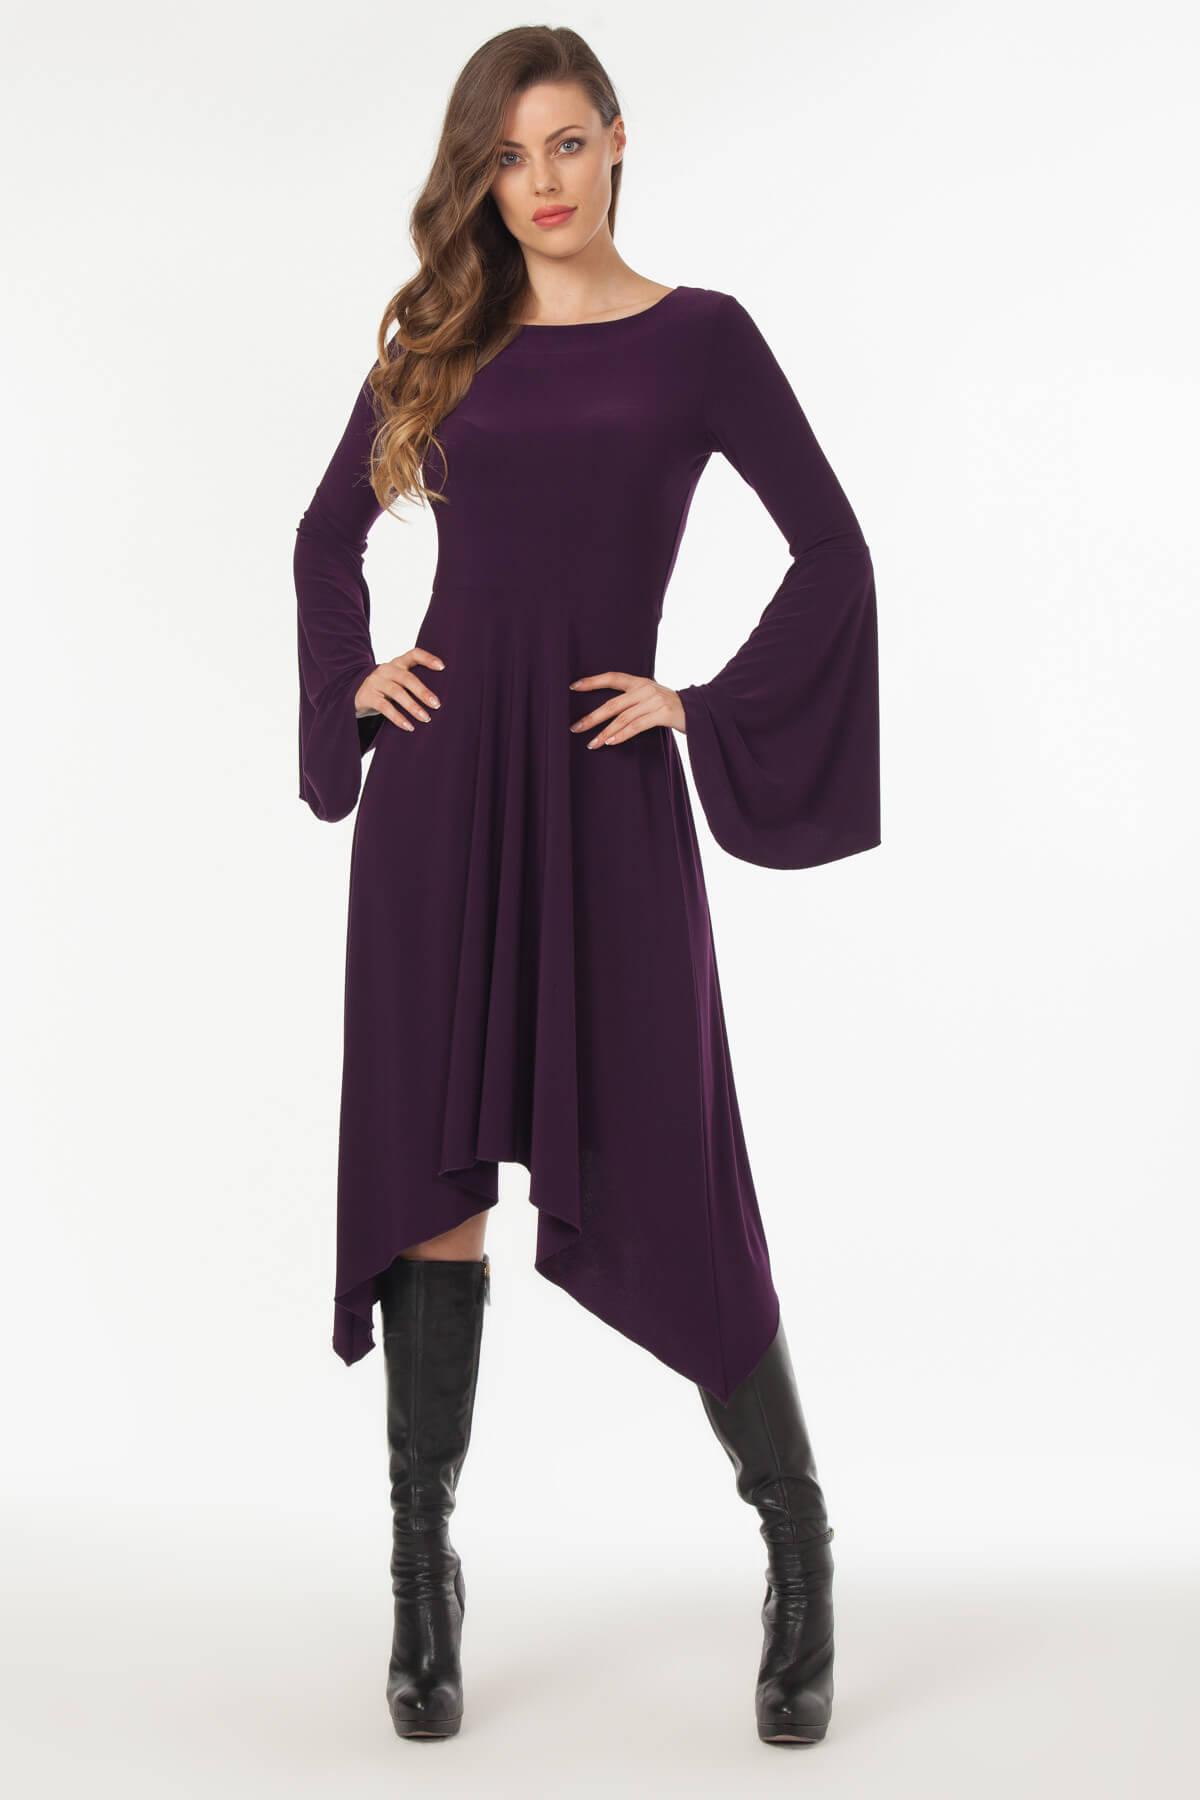 Laranor Kadın Mürdüm Asimetrik Kesim Elbise 19L6477 1